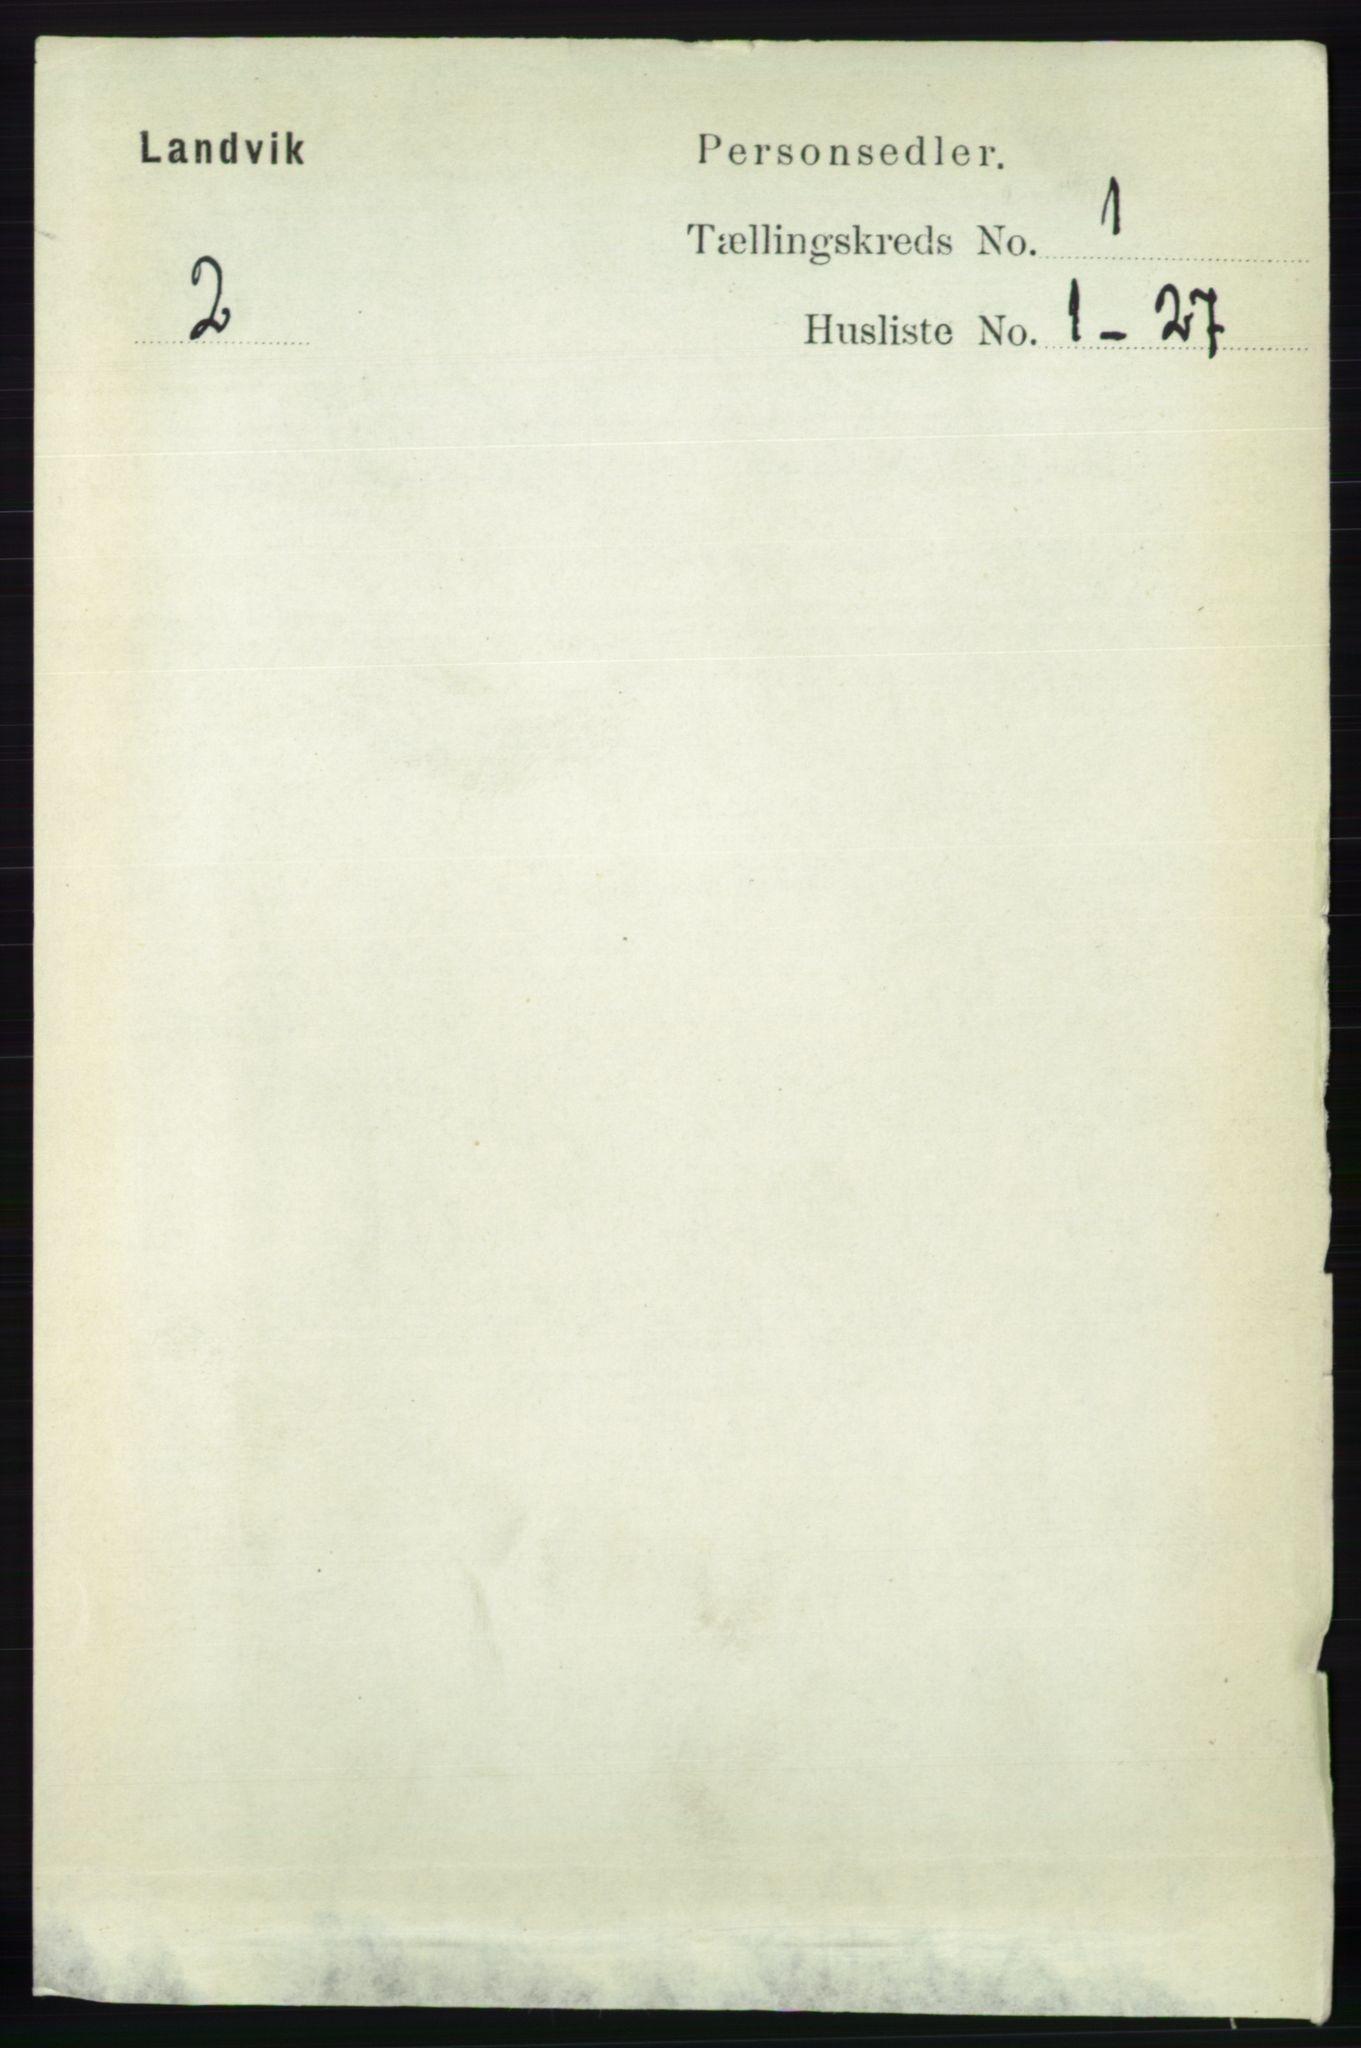 RA, Folketelling 1891 for 0924 Landvik herred, 1891, s. 53